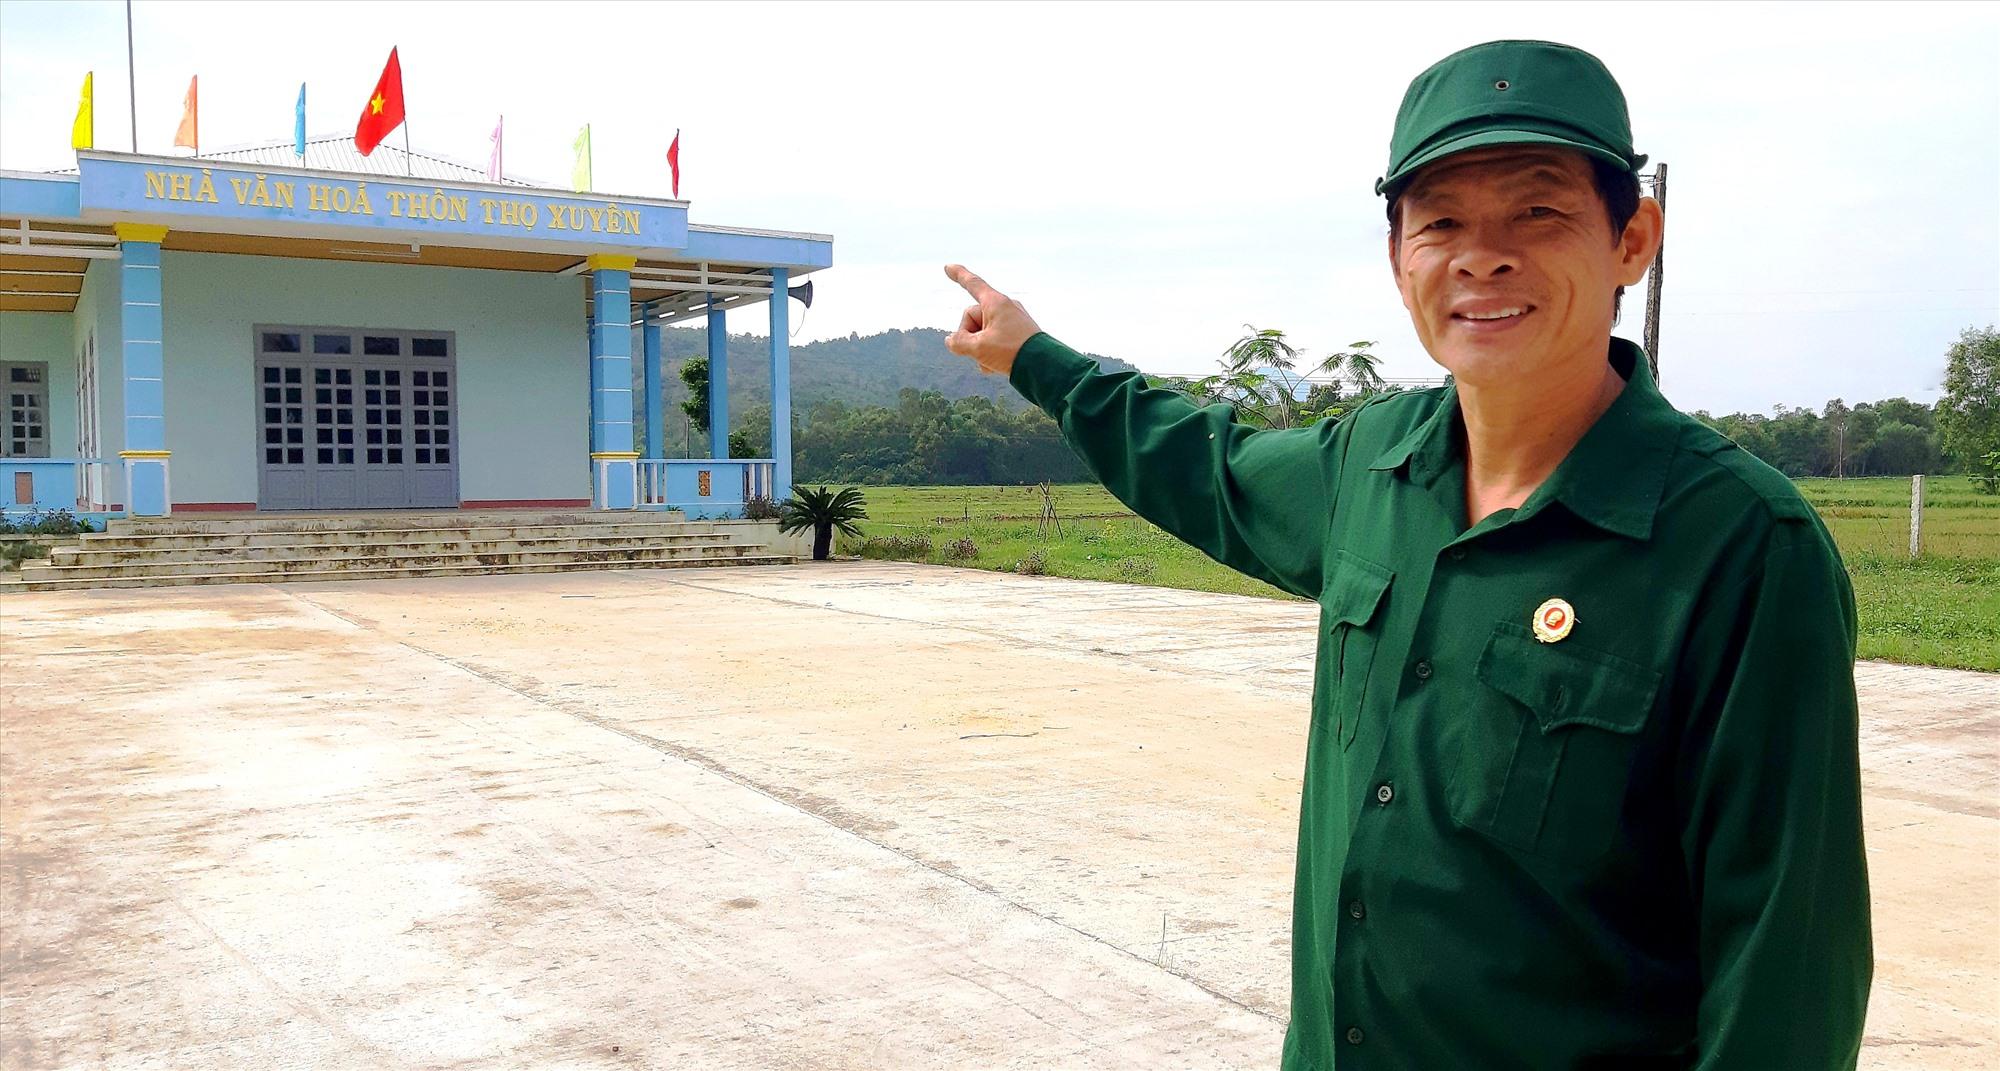 Cựu chiến binh Nguyễn Hữu Long đã hiến 2.600m2 đất góp phần xây dựng Nhà sinh hoạt văn hóa thôn Tân Thọ (xã Duy Châu, Duy Xuyên). Ảnh: THÀNH SỰ